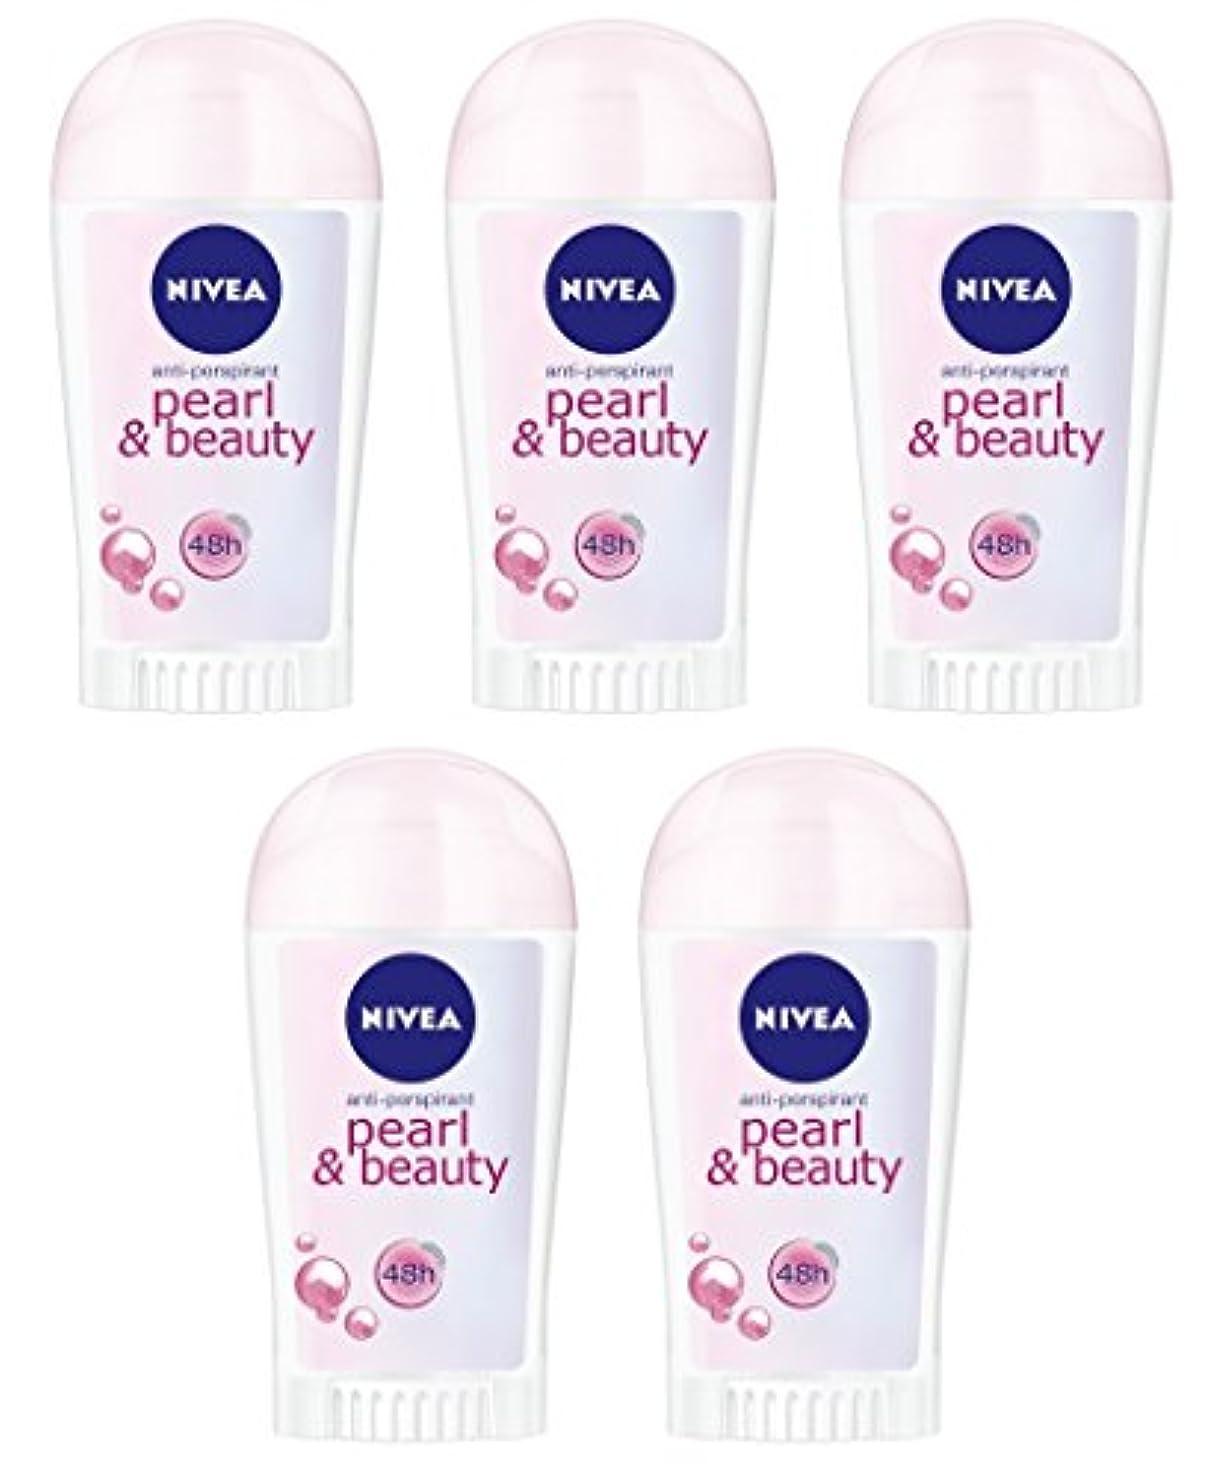 コミュニケーション代表南極(5パック) ニベアパールそしてビューティー制汗剤デオドラントスティック女性のための5x40ml - (Pack of 5) Nivea Pearl & Beauty Anti-perspirant Deodorant...